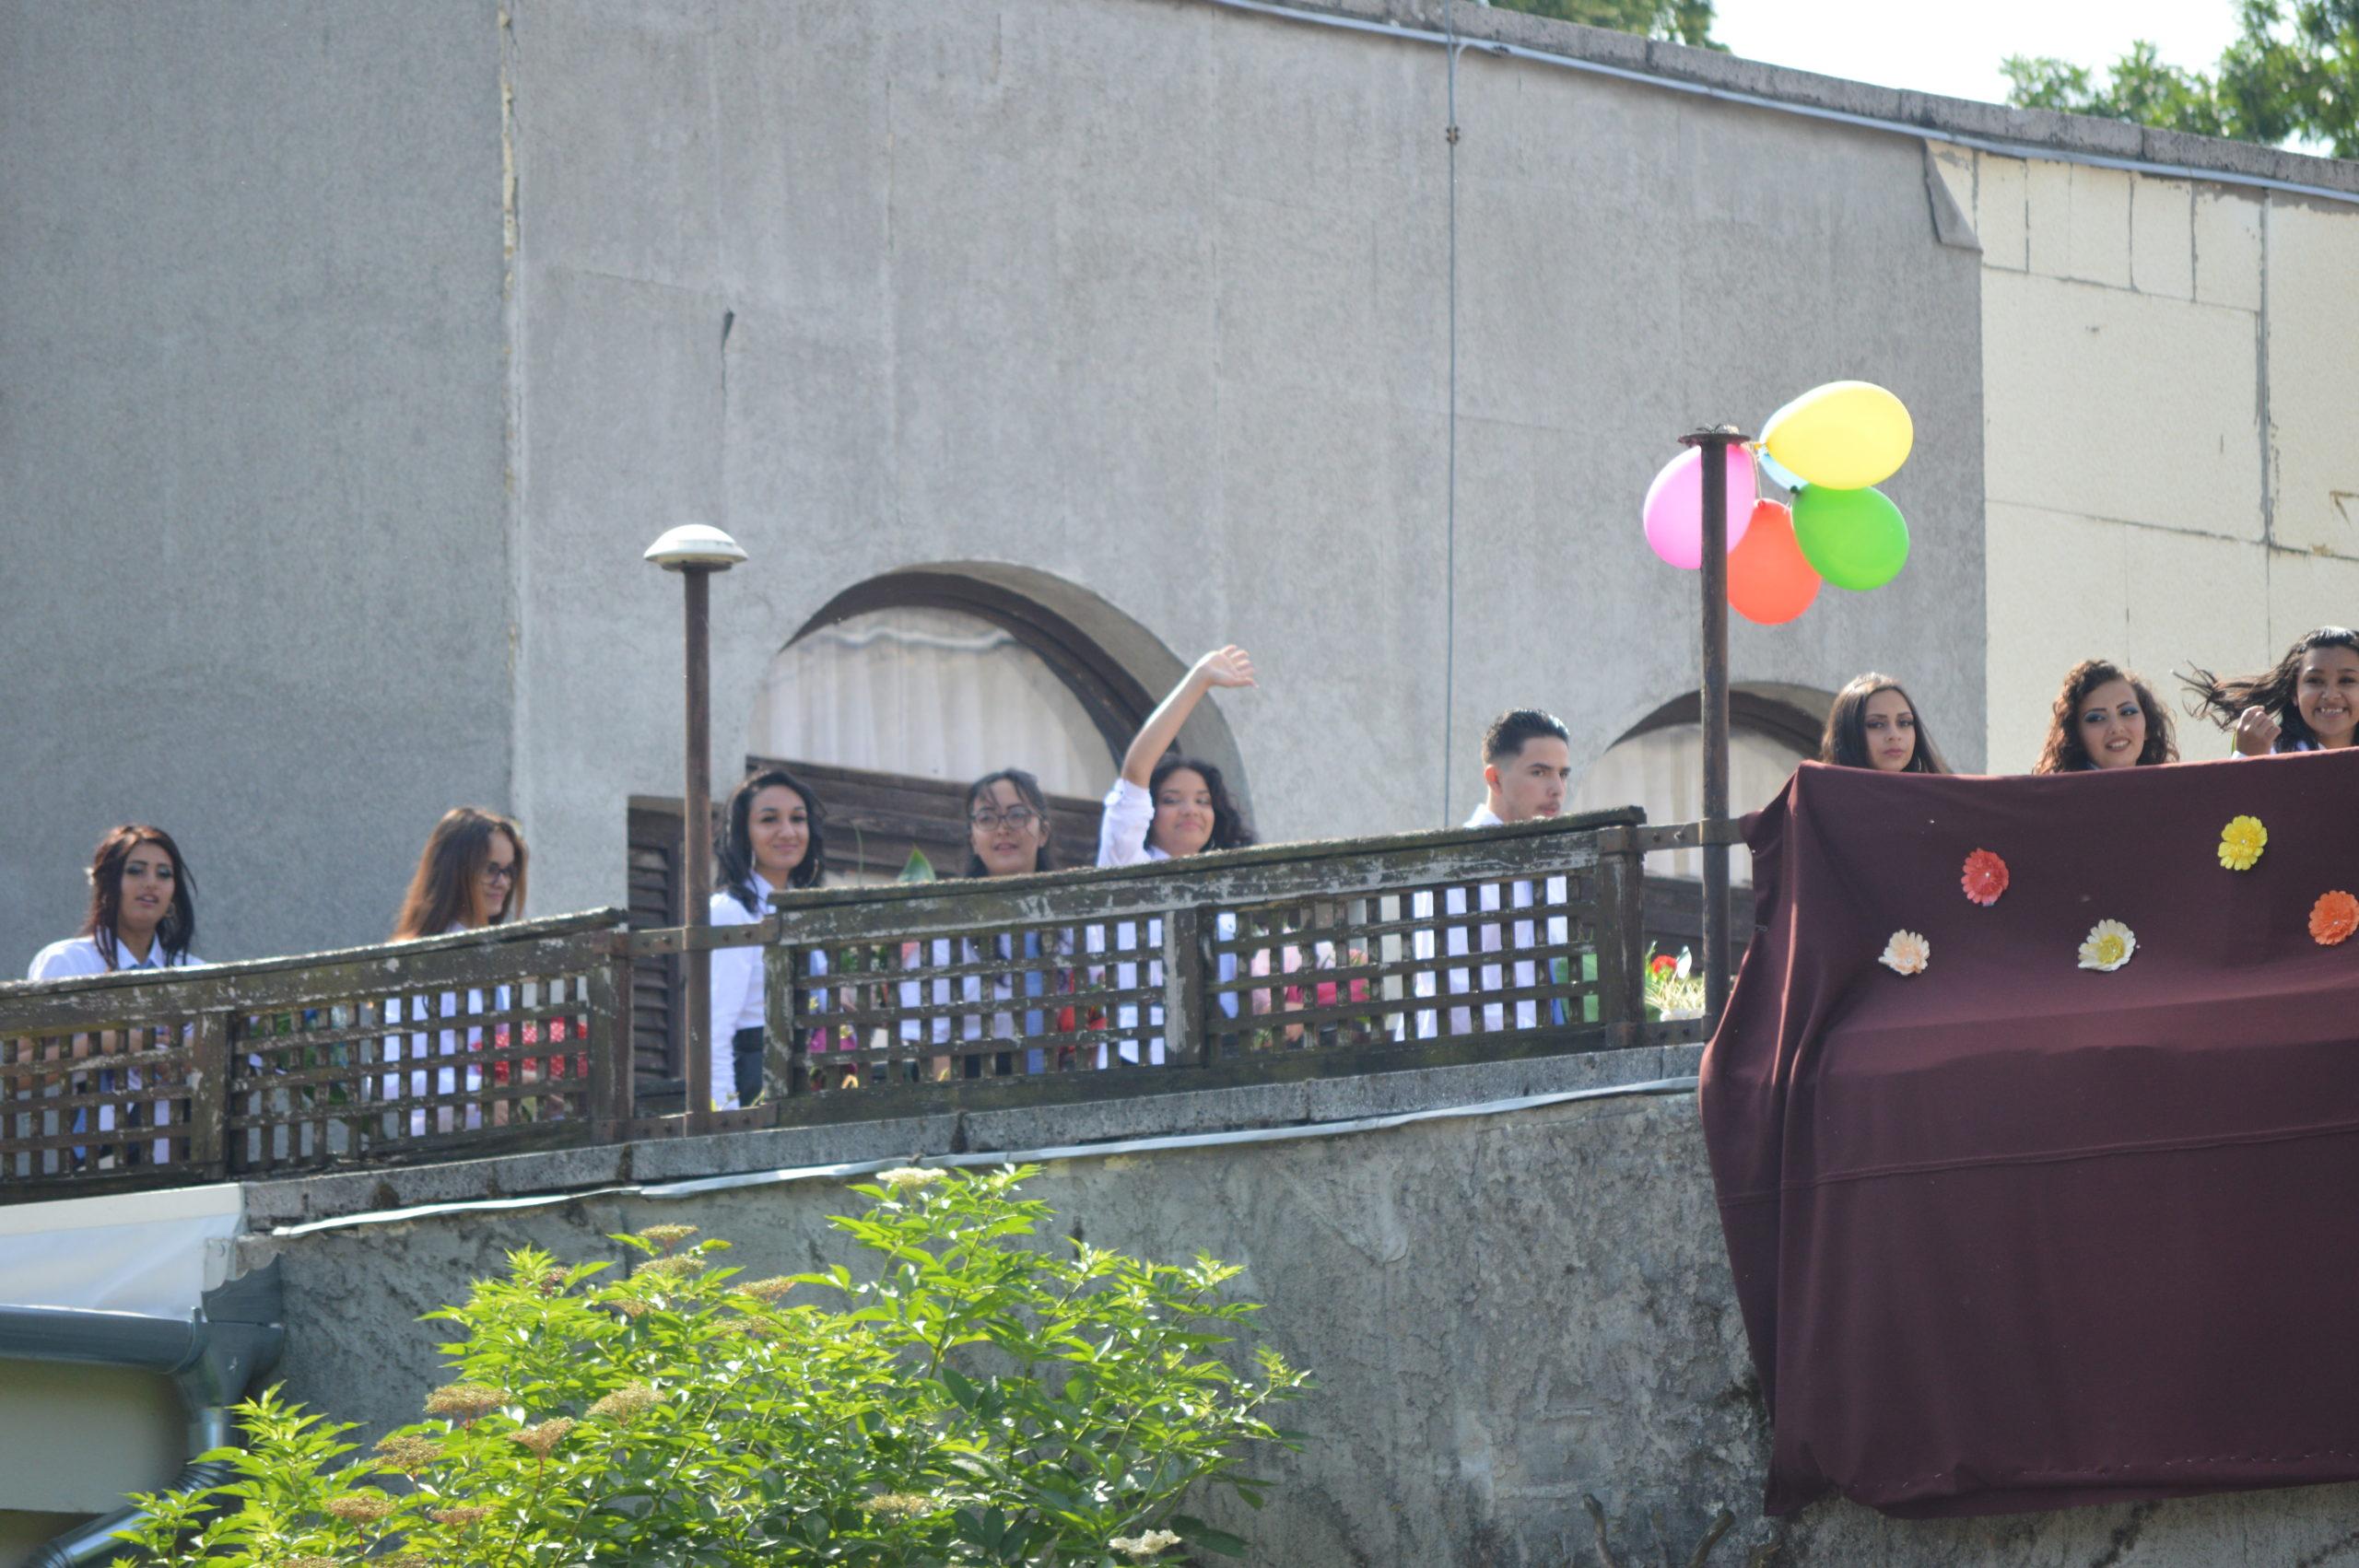 Elballagtak a Reményhír Intézmény végzős diákjai 1